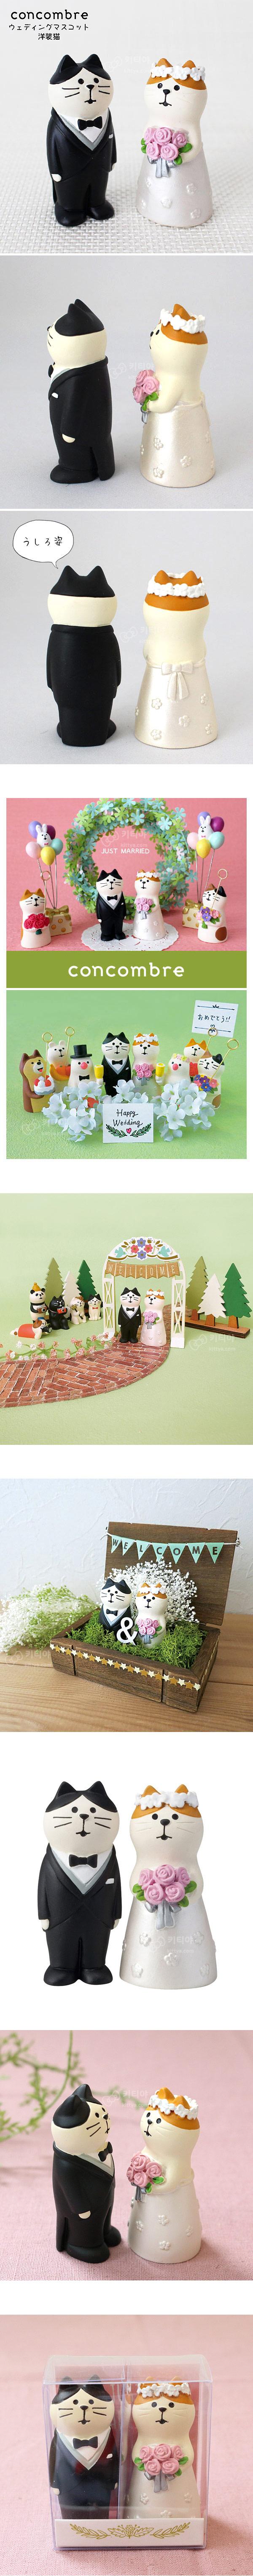 데꼴 해피웨딩 고양이 신랑신부 커플 - 키티야, 21,300원, 장식소품, 기타 소품